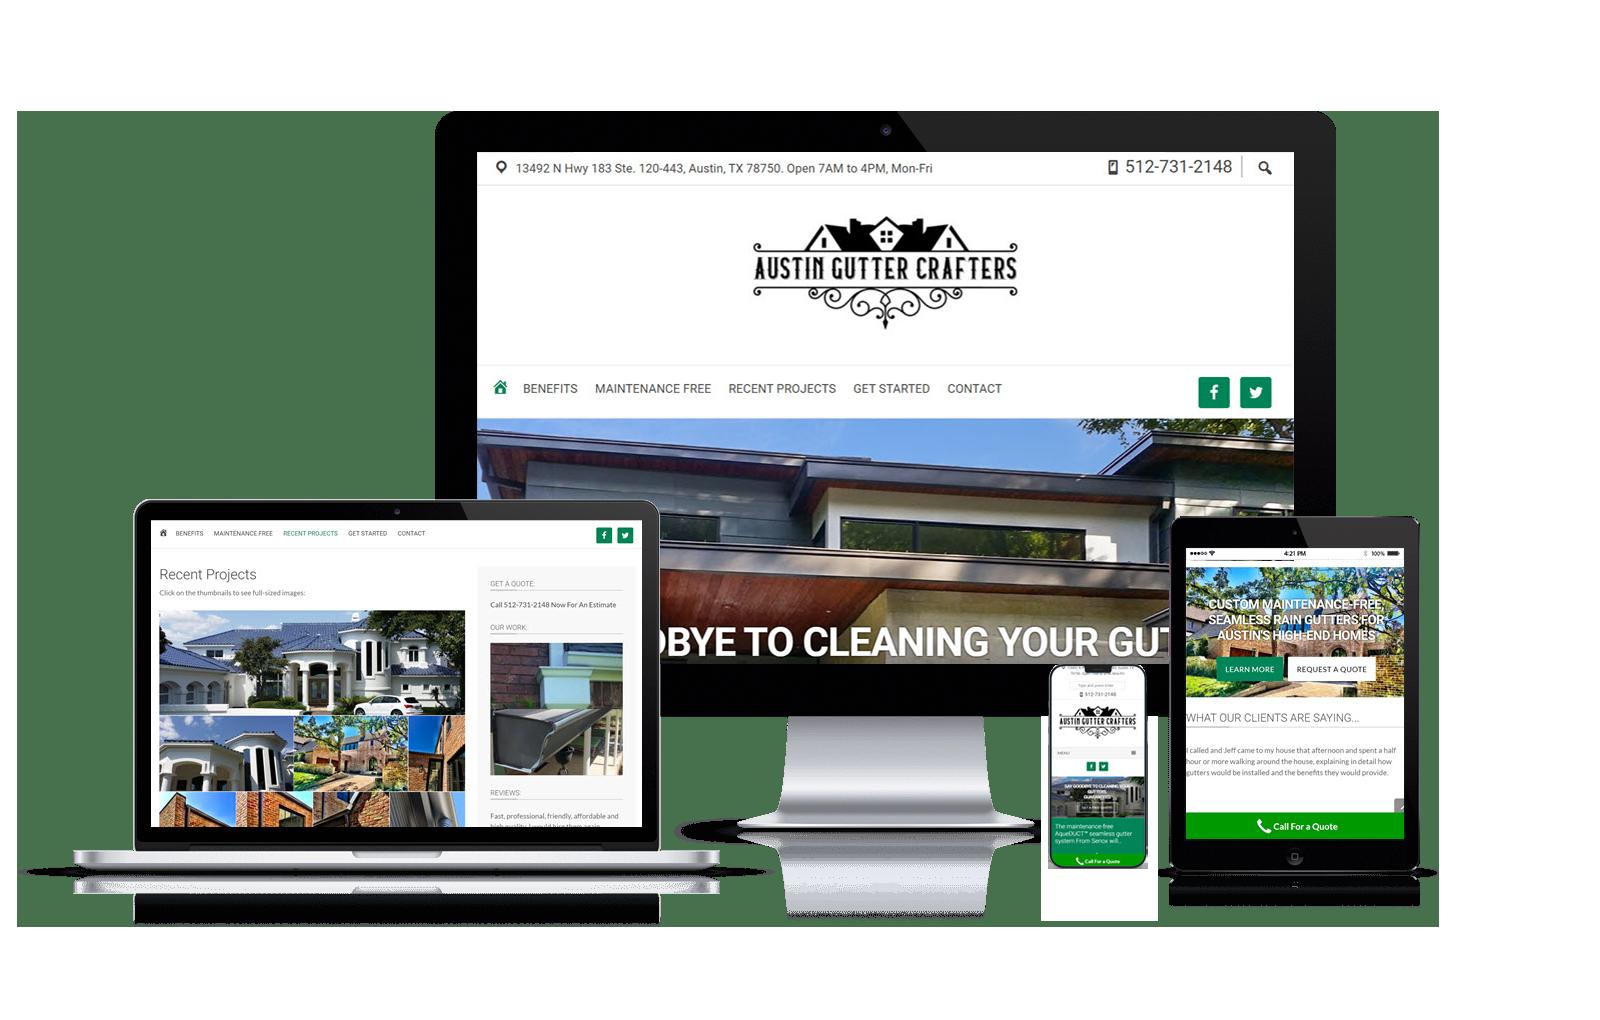 Austin Gutter Crafters Website